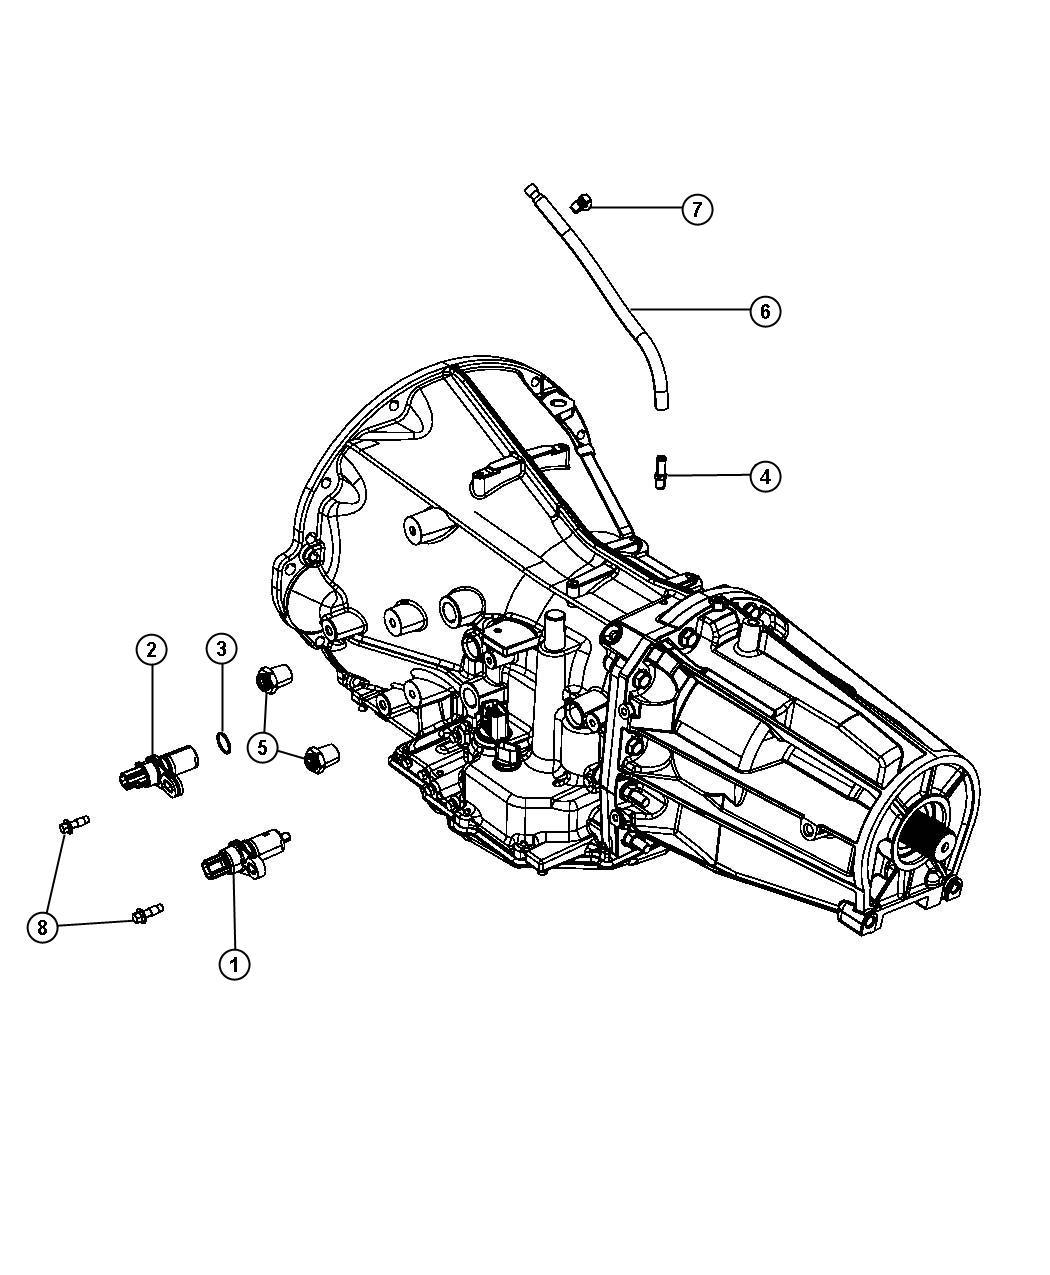 Dodge Nitro Tube  Vent  Transmission  Case  Mounting